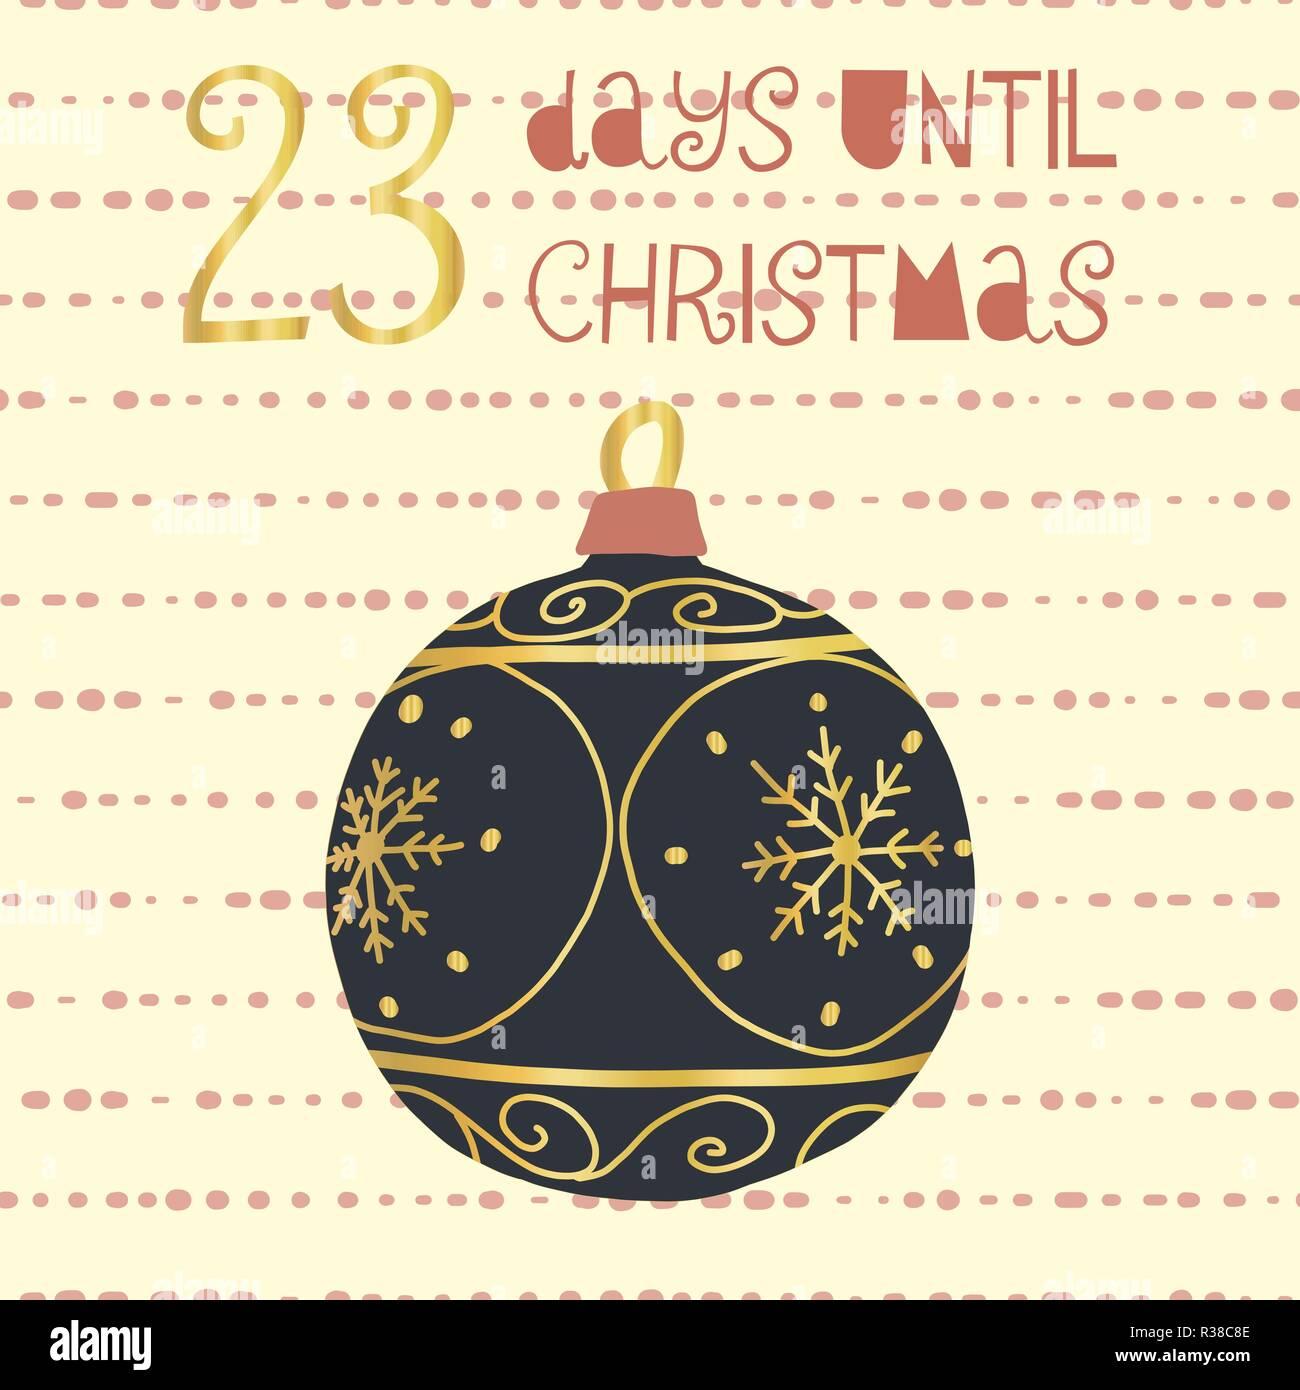 Tage Bis Weihnachten.23 Tage Bis Weihnachten Vector Illustration Christmas